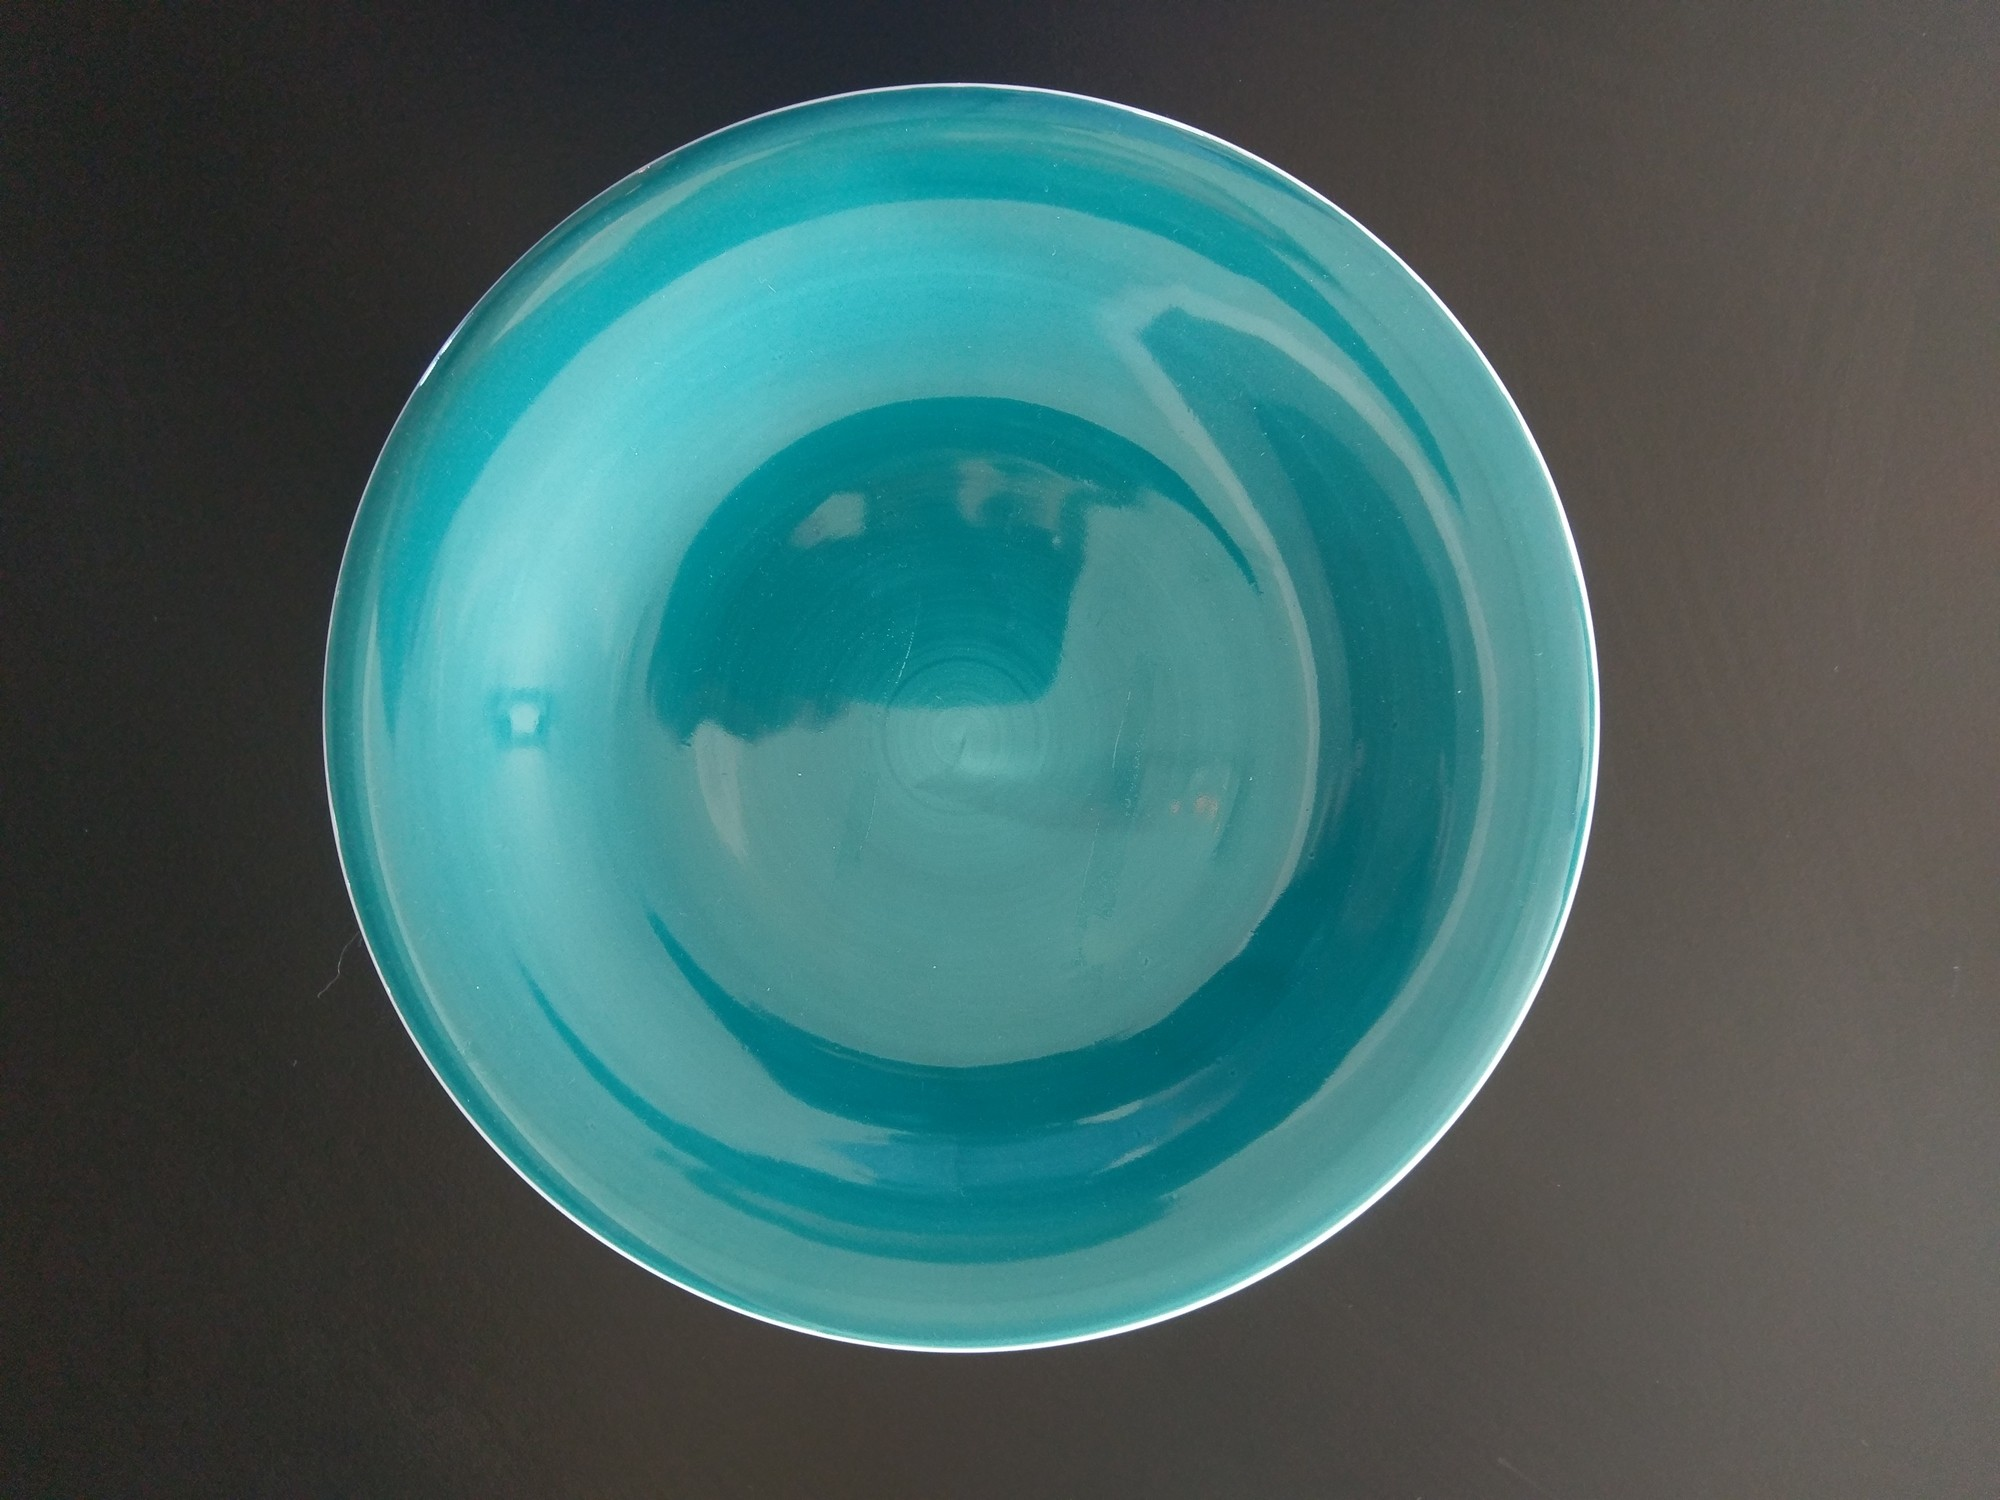 porculan, Lubiana, Jupiter, porculan u boji, tanjur u boji, tanjur za glavno jelo